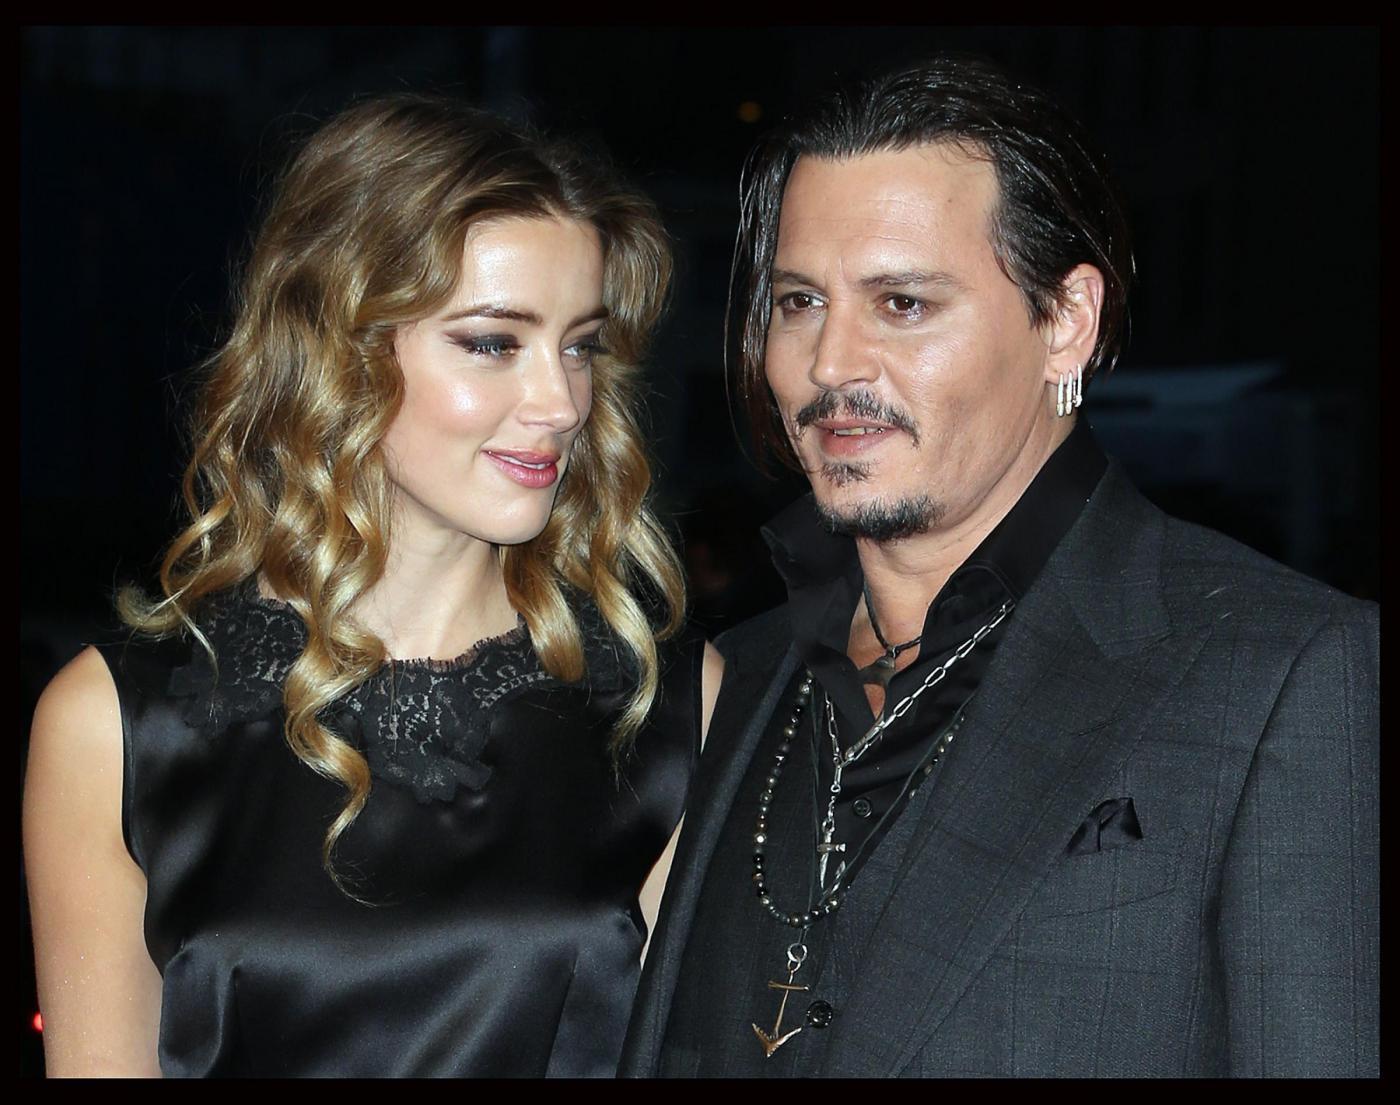 Johnny Depp ruba il microfono all'intervistatrice7